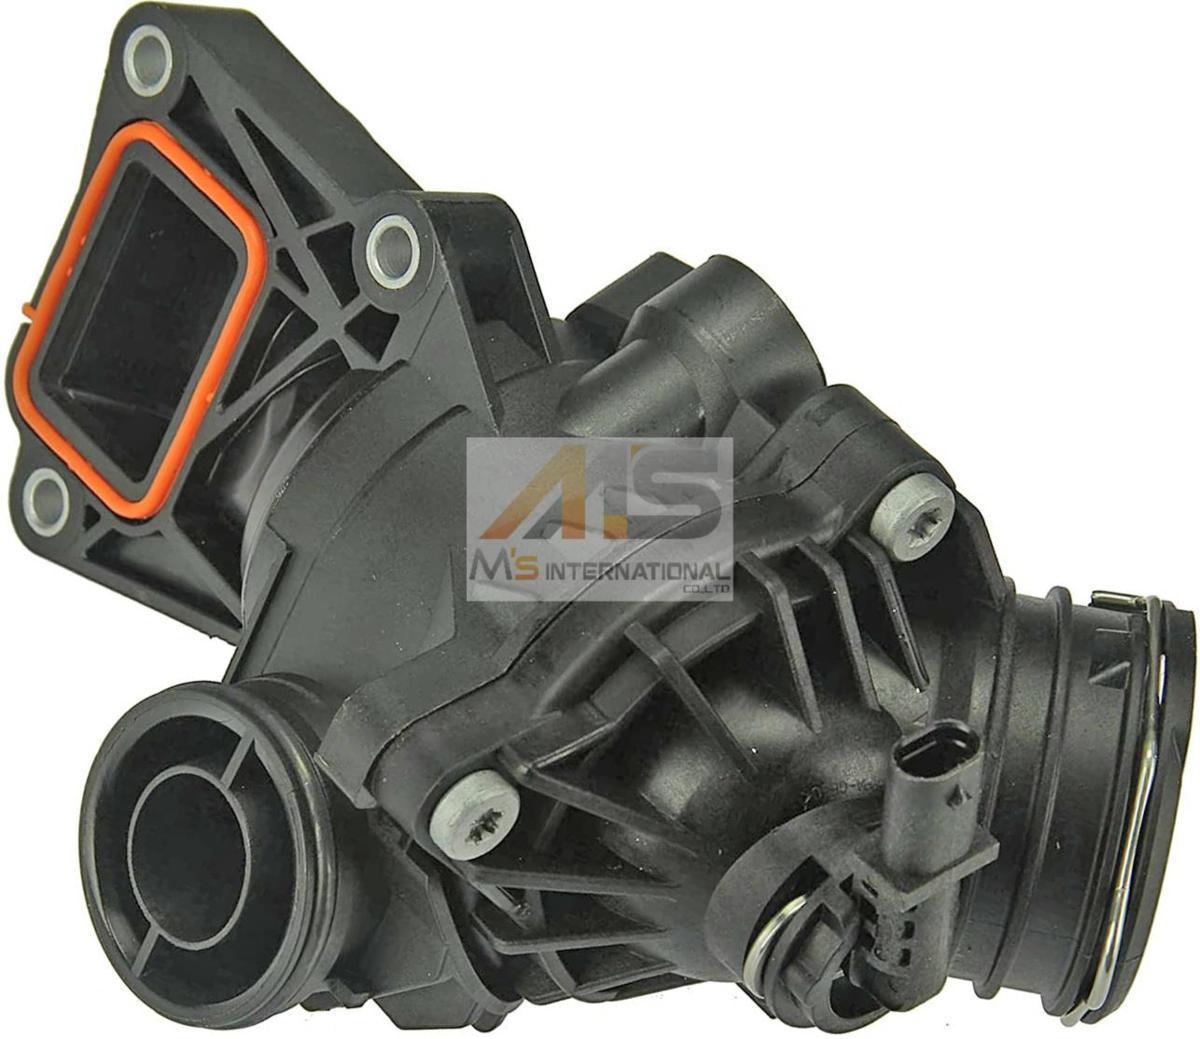 【M's】R231 SLクラス / W221 W222 Sクラス V6用 (M276) 優良社外品 サーモスタット // ベンツ S350 S400h SL350 2762000515 2762000115_画像1